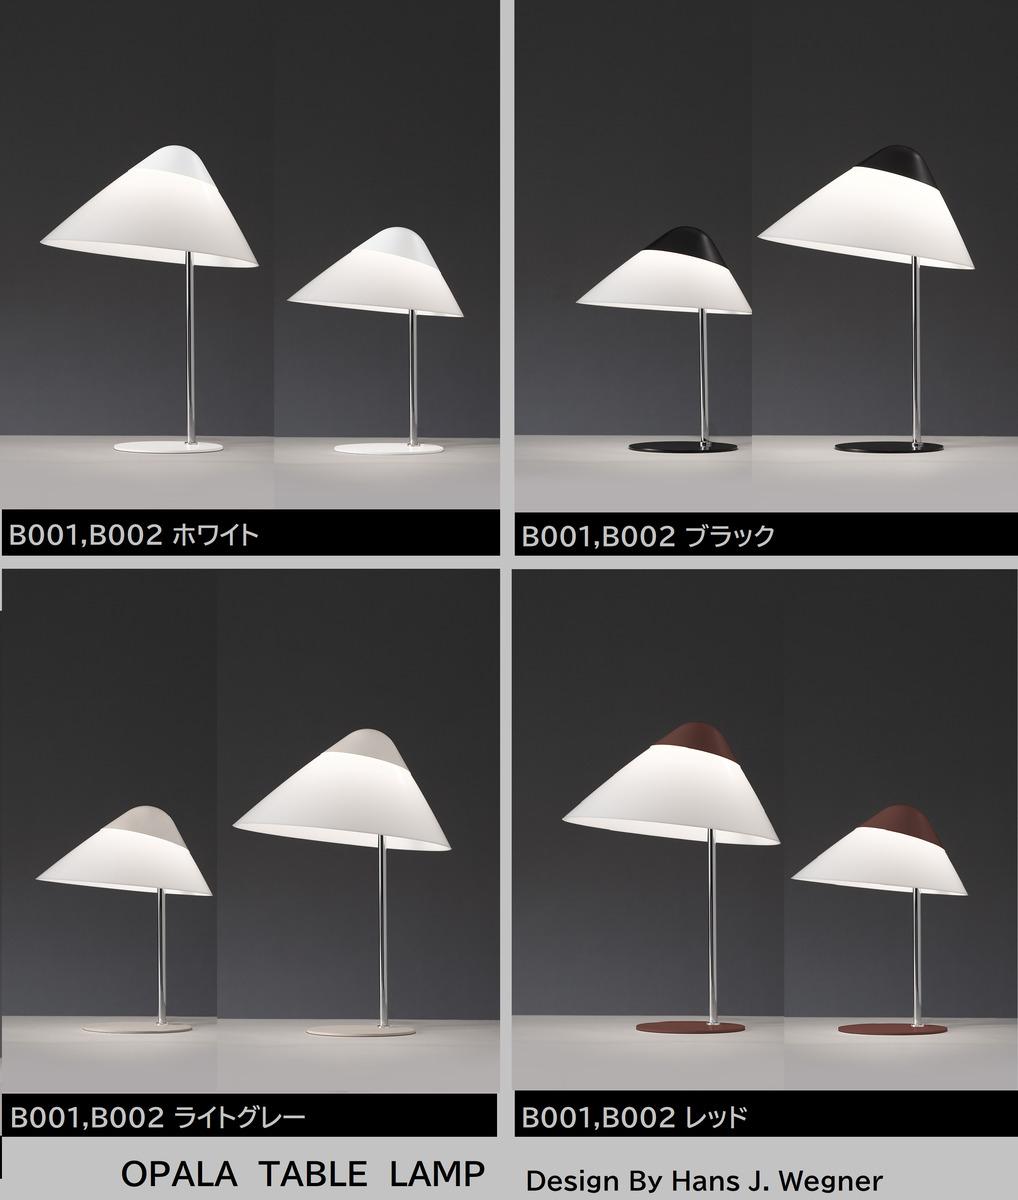 OPALA TABLE LAMP